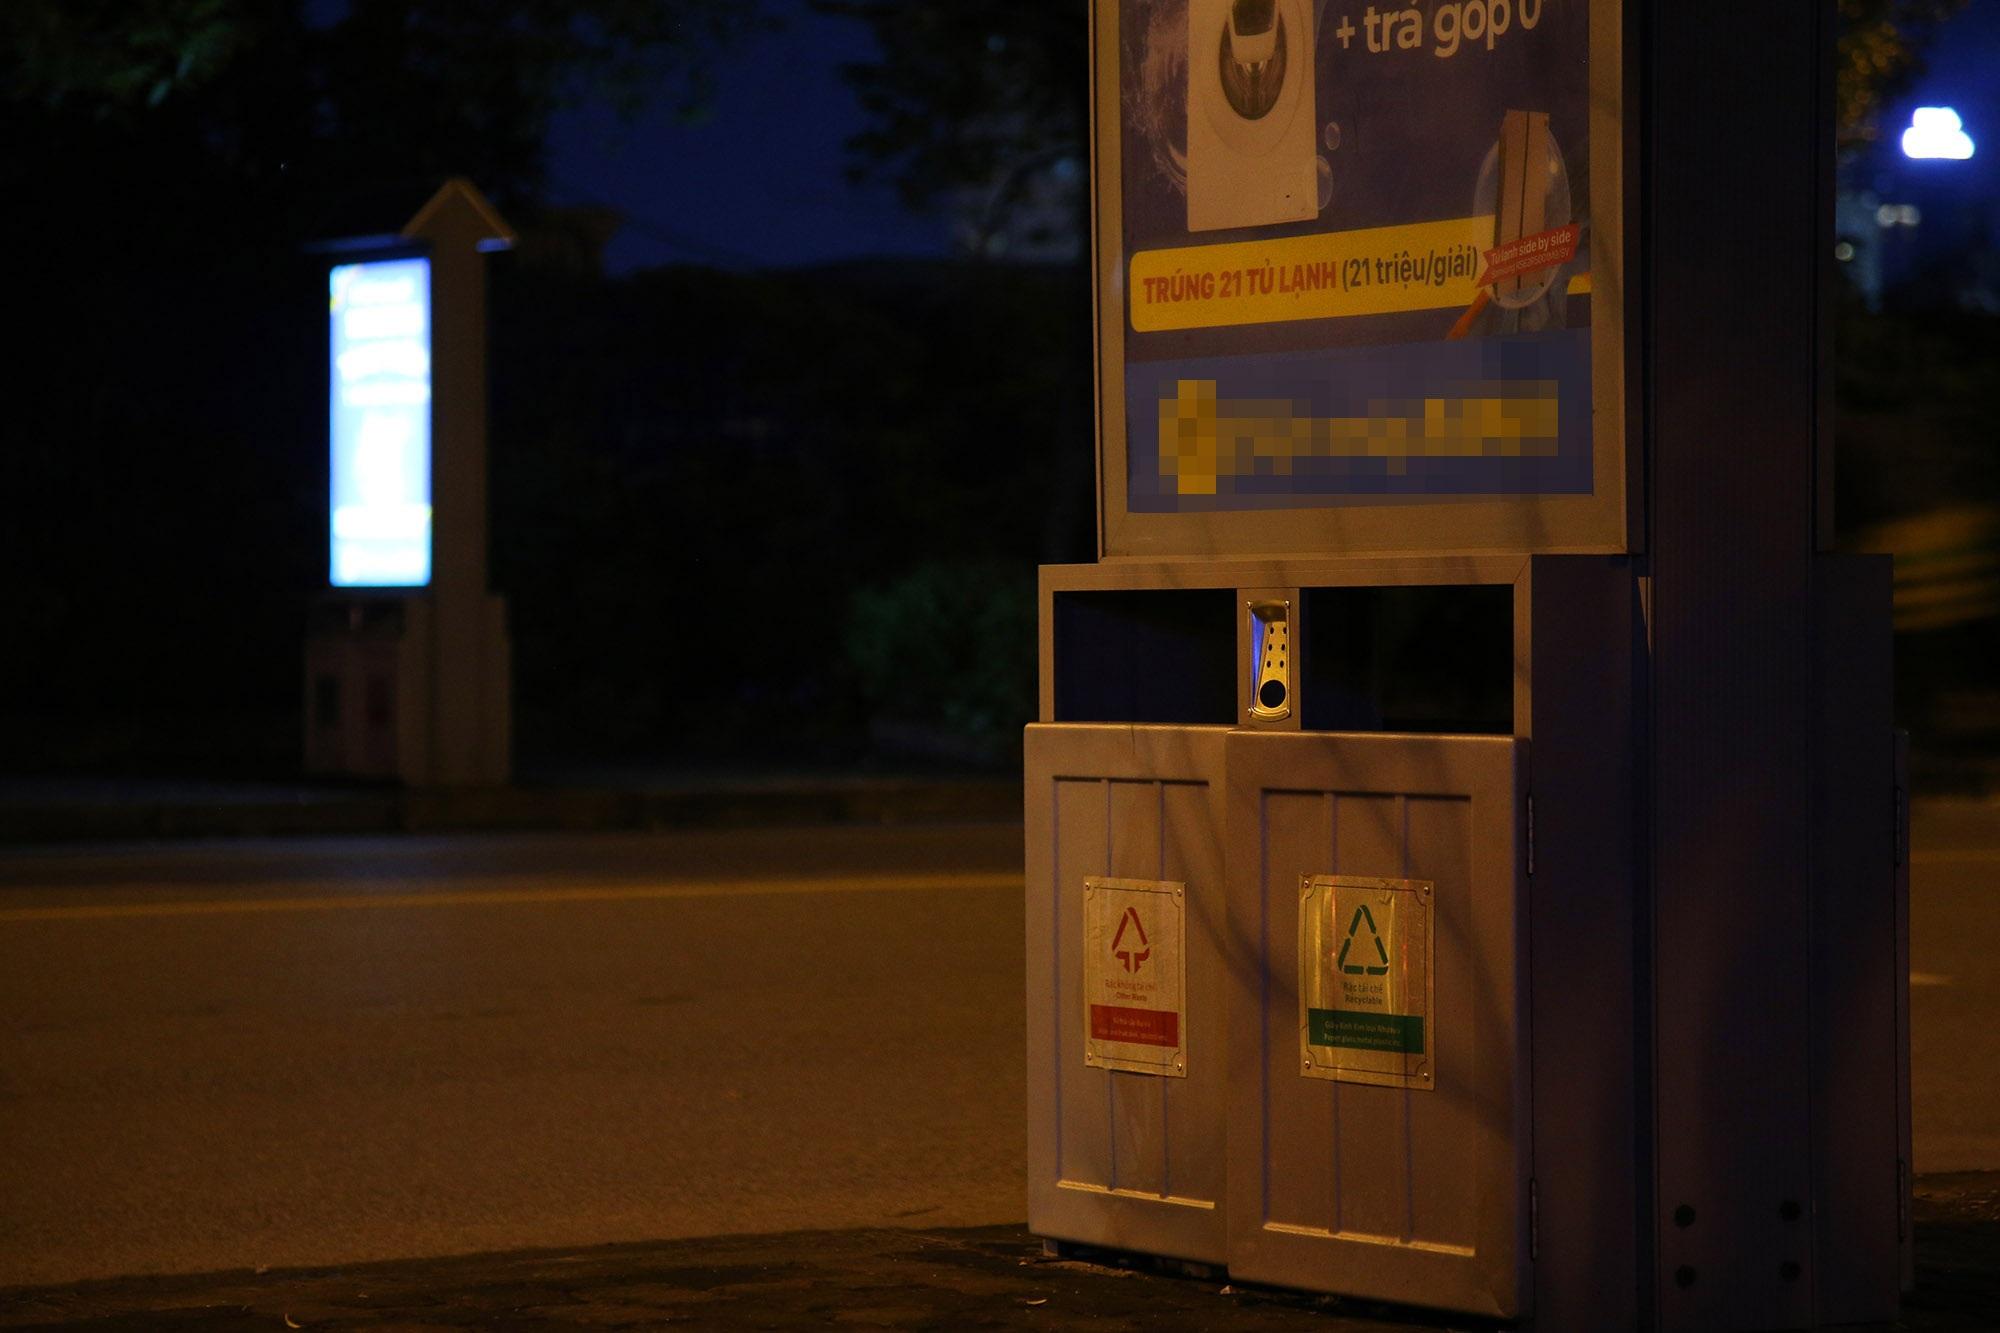 Hàng nghìn thùng rác phát sáng về đêm được lắp đặt tại Hà Nội - 10